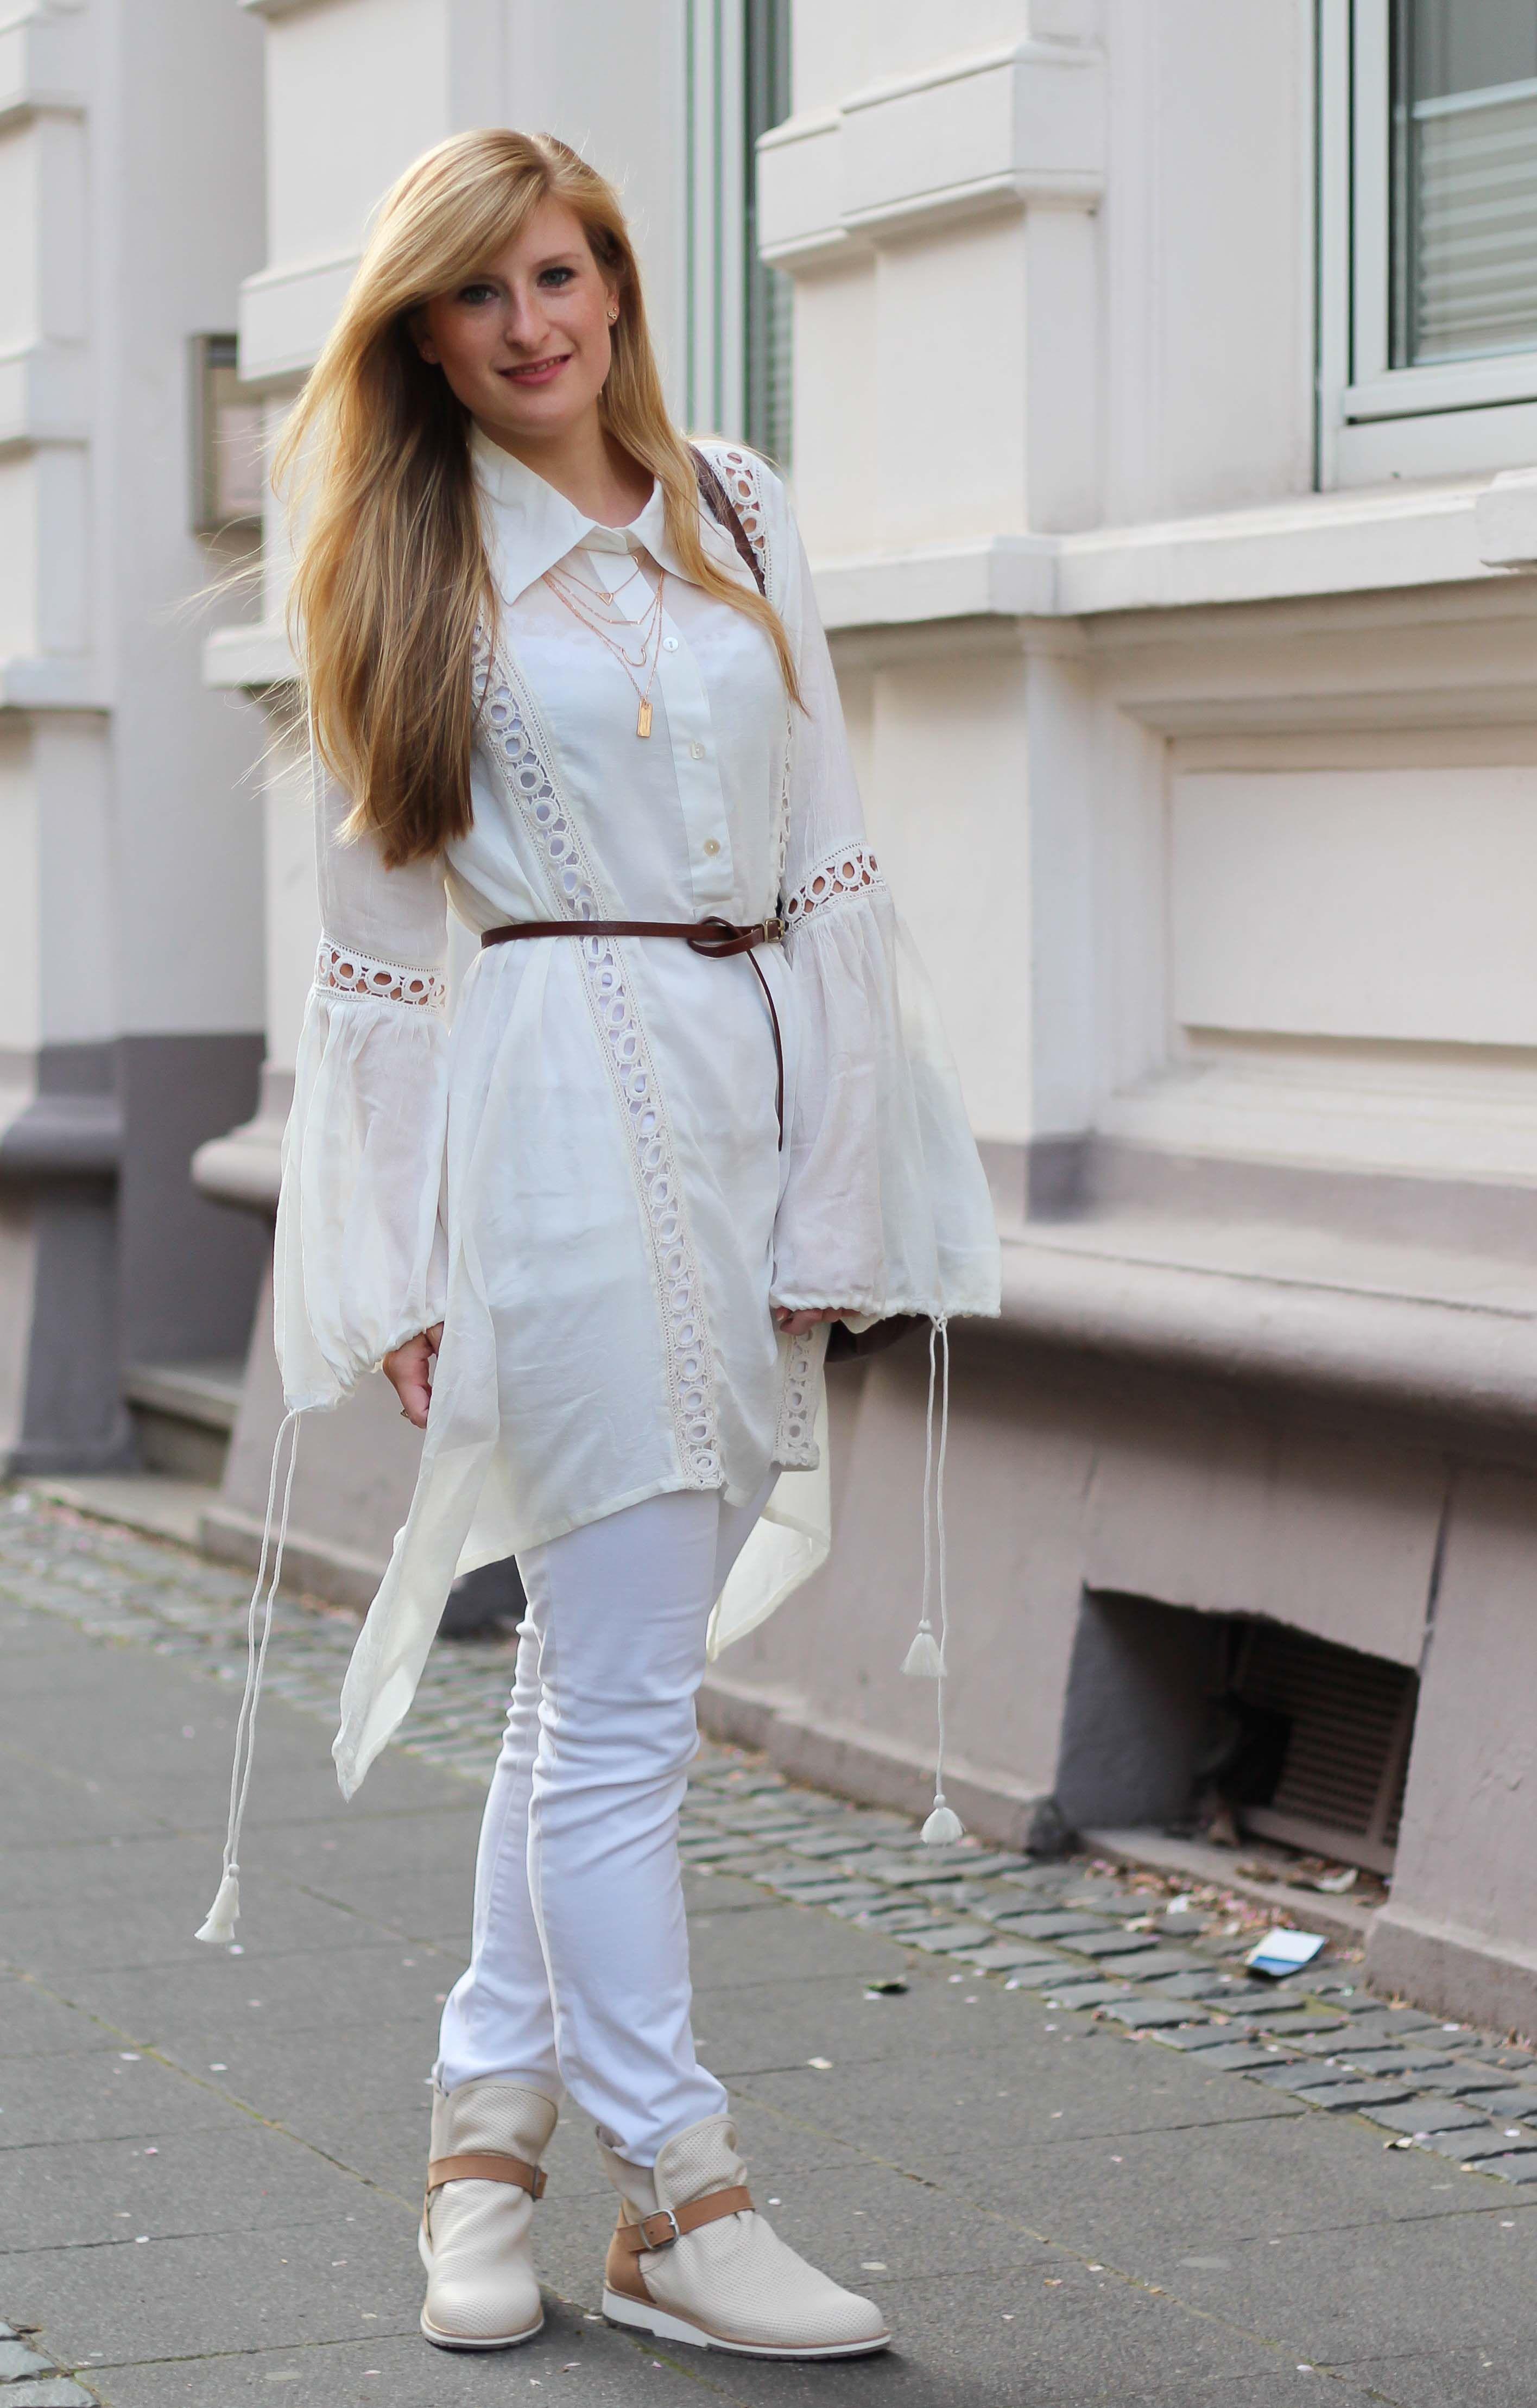 Geschicktes Design neues Design Modern und elegant in der Mode All White Outfit – Helle Farben für den Frühling ...